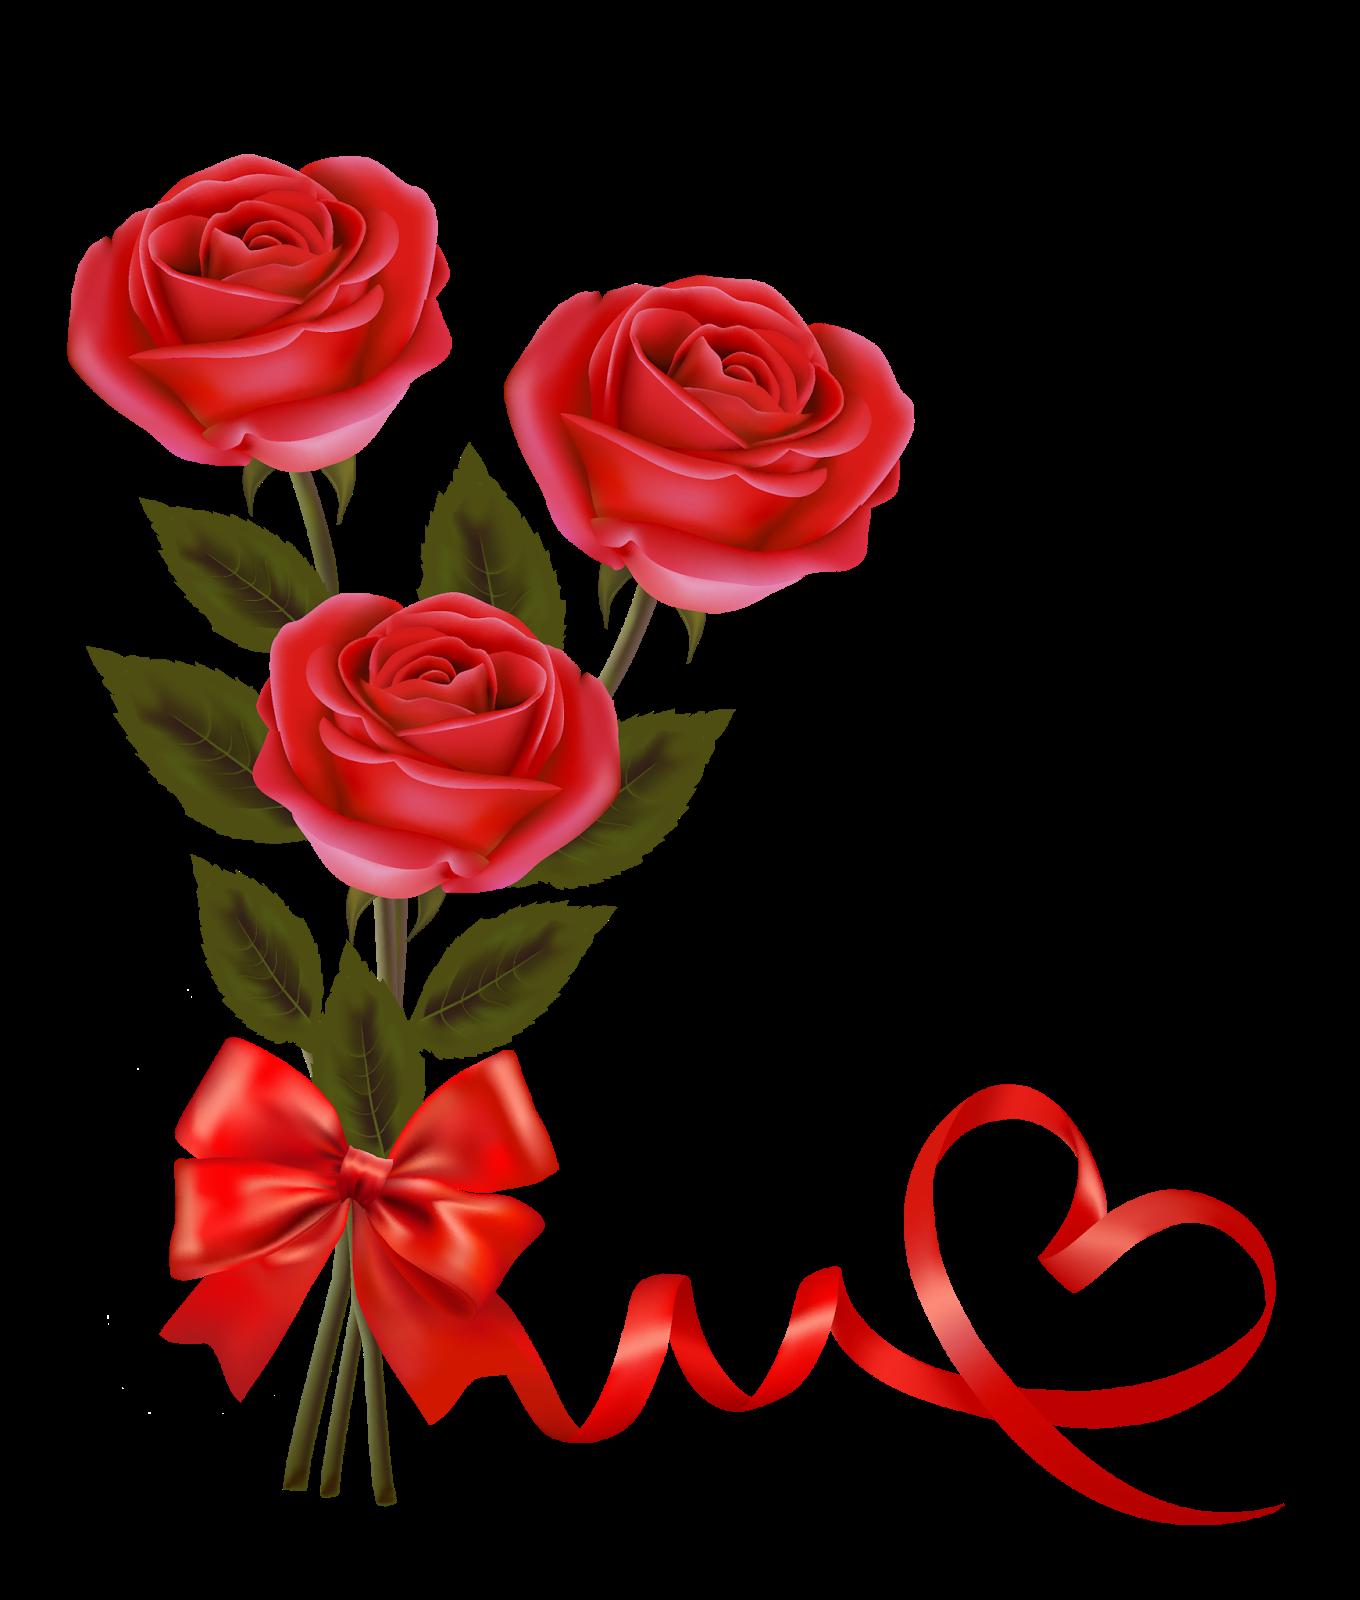 PNG HD Rose - 155199